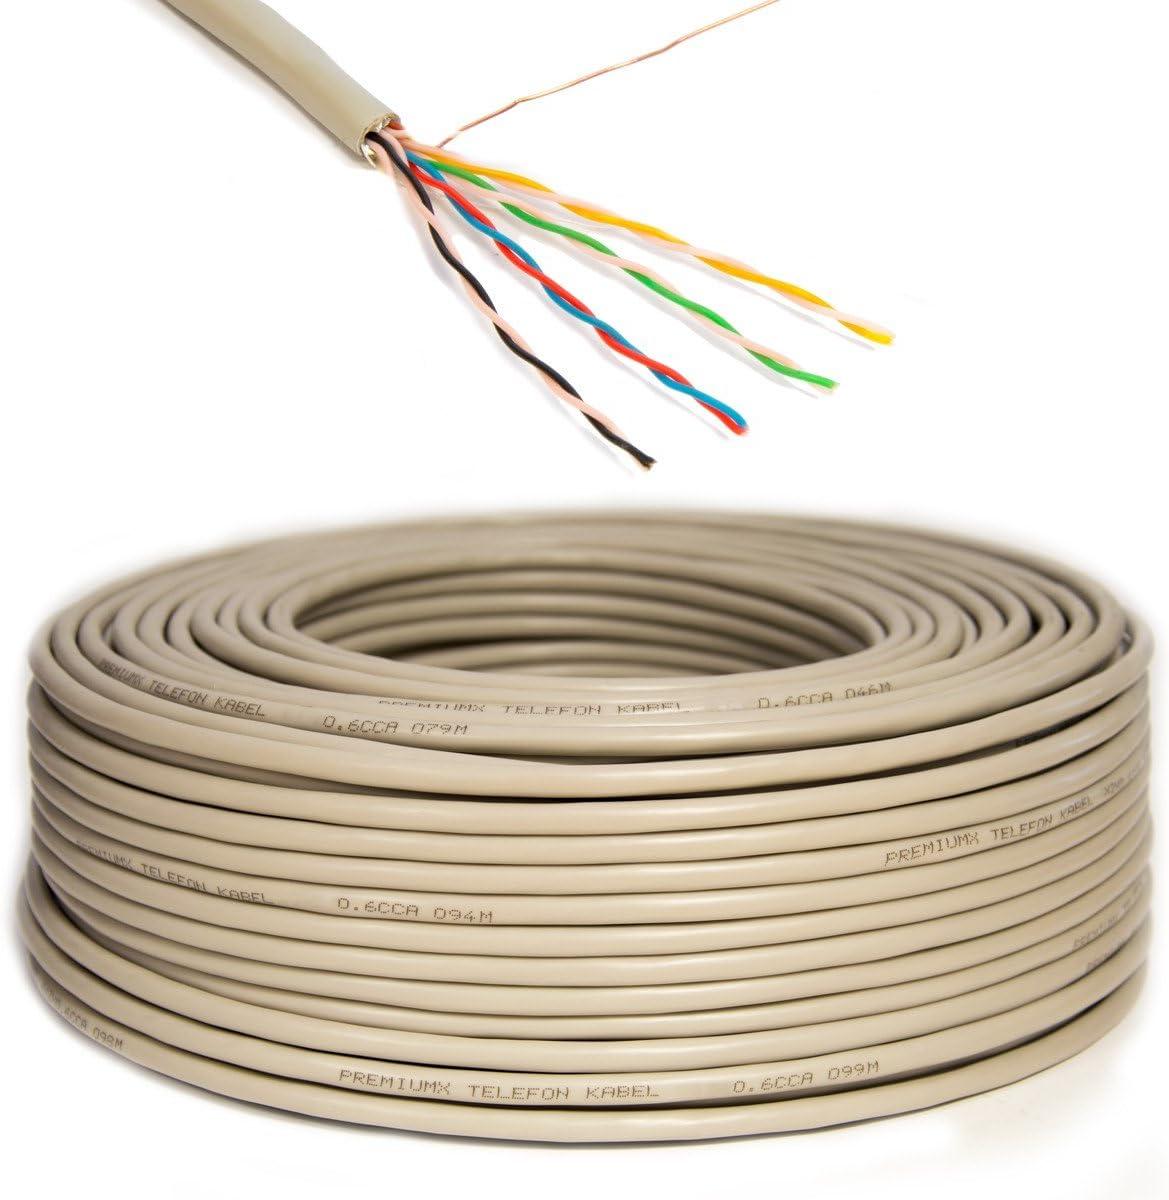 ST Y Cable de instalaci/ón redondo de 100 m l/ínea telef/ónica 8 cables 100m Cable telef/ónico PremiumX 4x2x0,6 mm J-Y